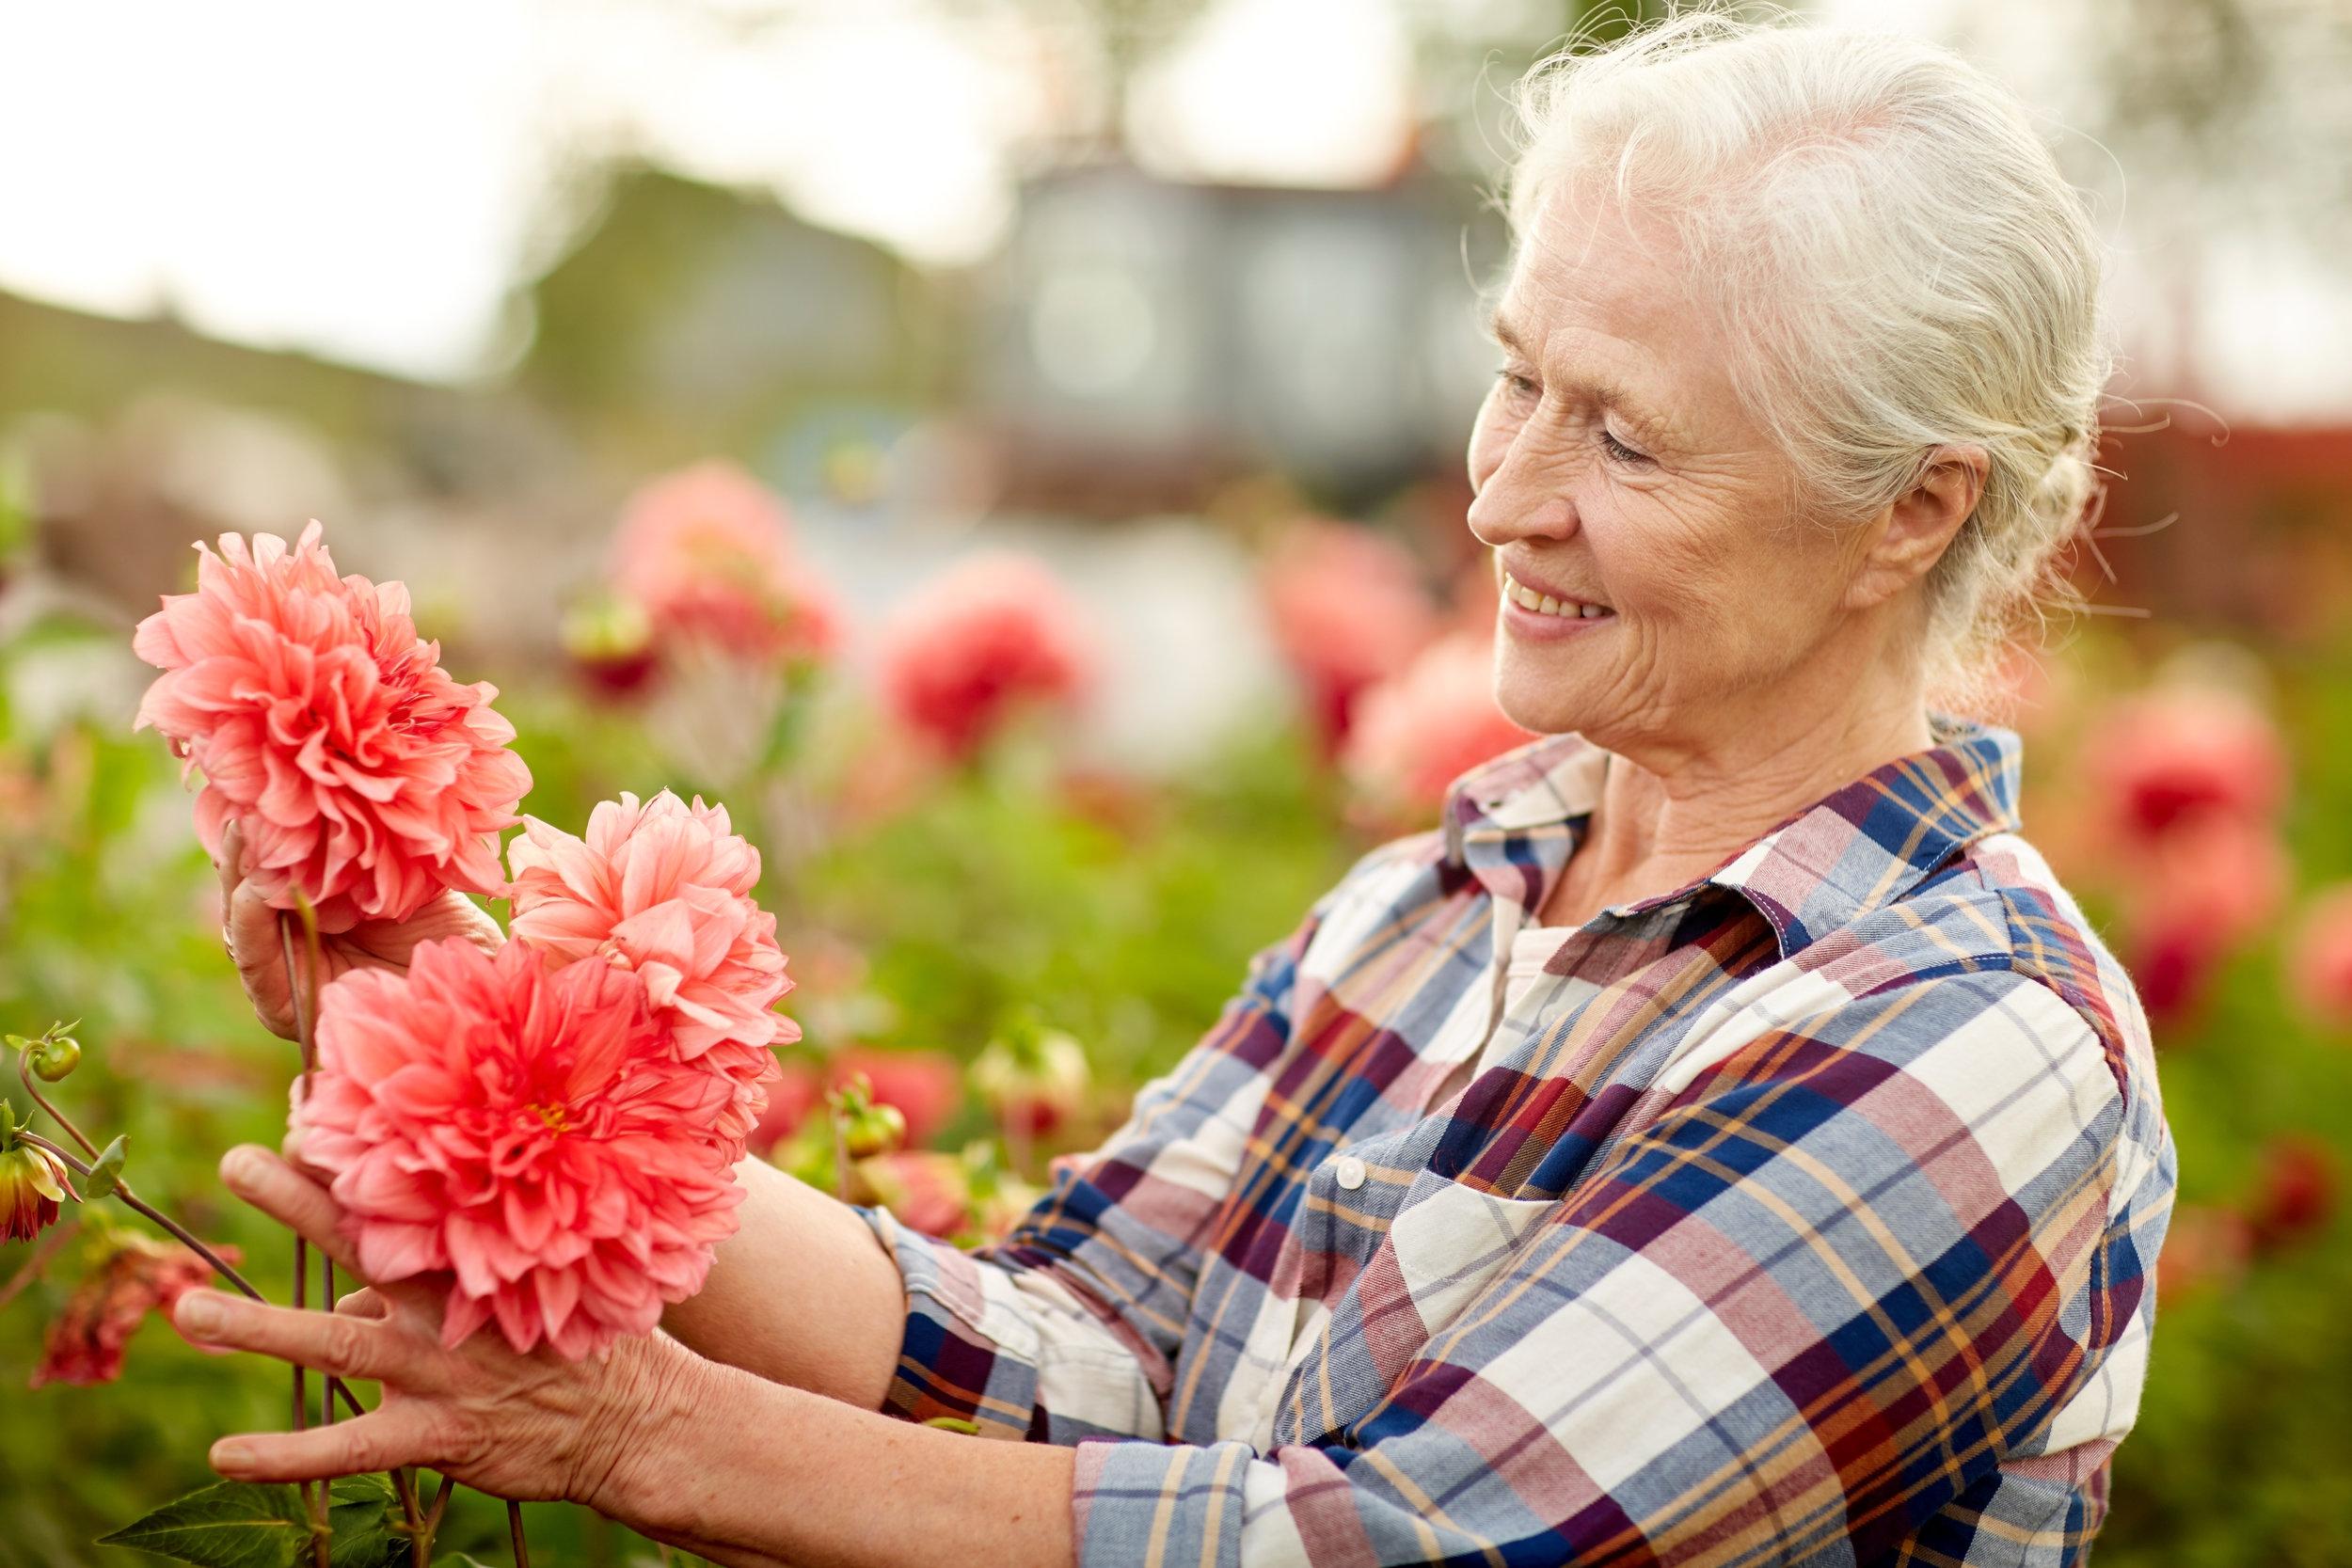 tending flowers.jpeg